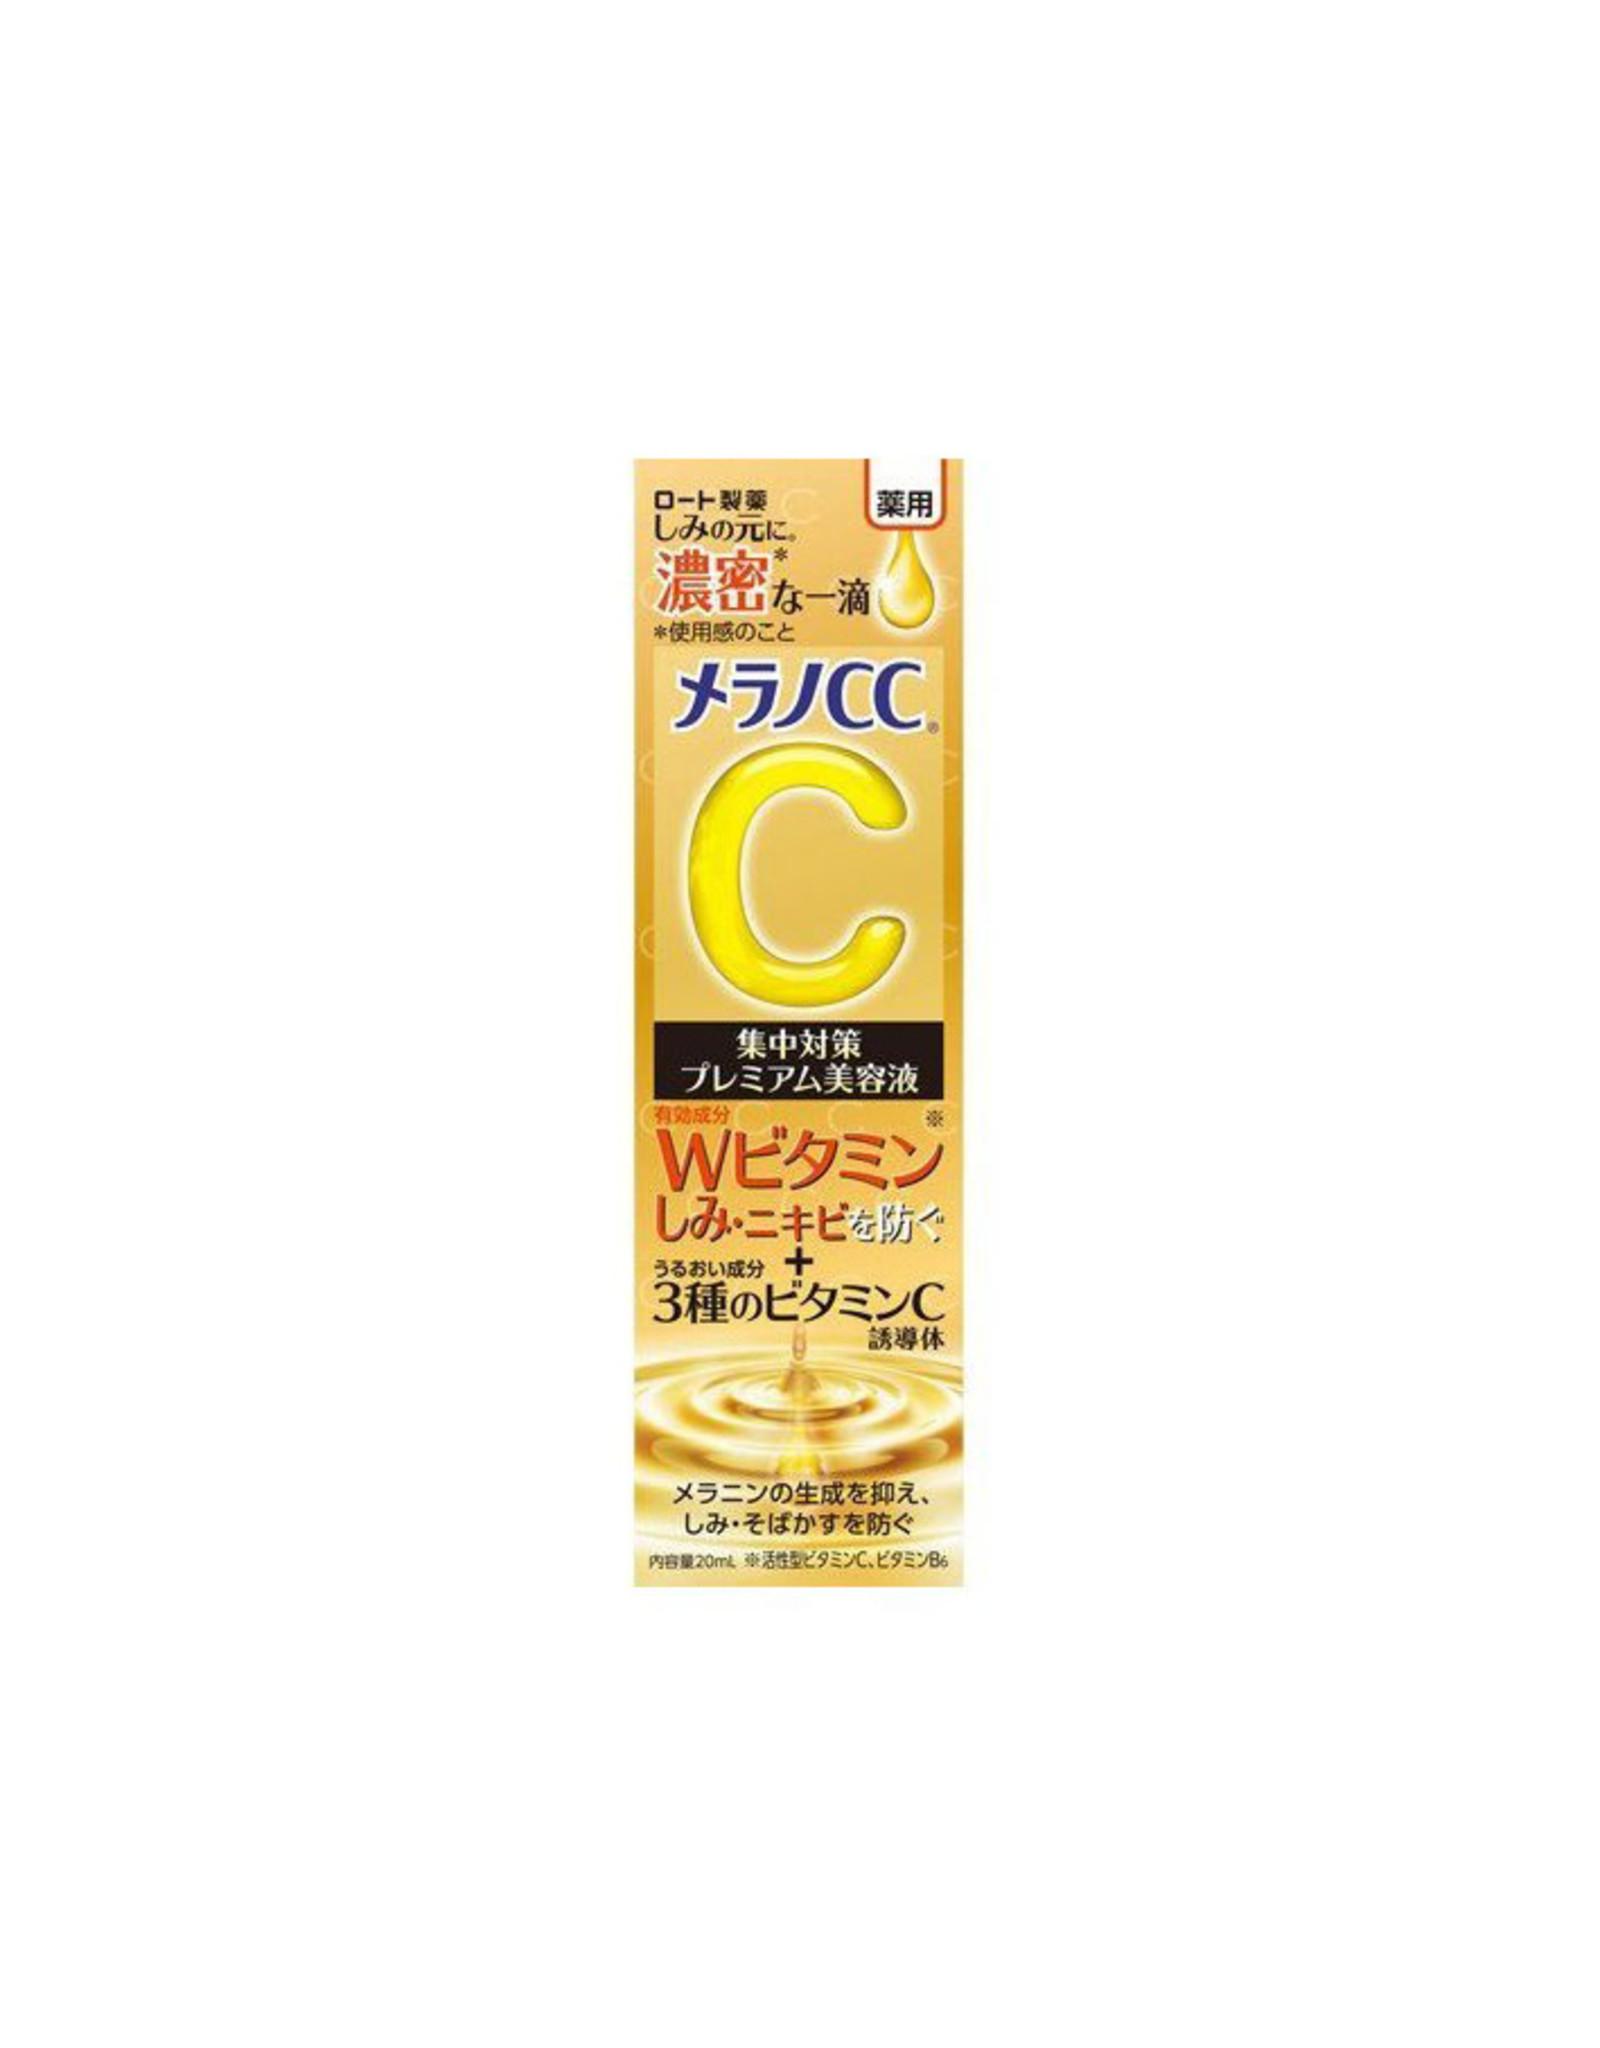 Rohto Rohto Melano CC Vitamin C Premium Essence 20ml